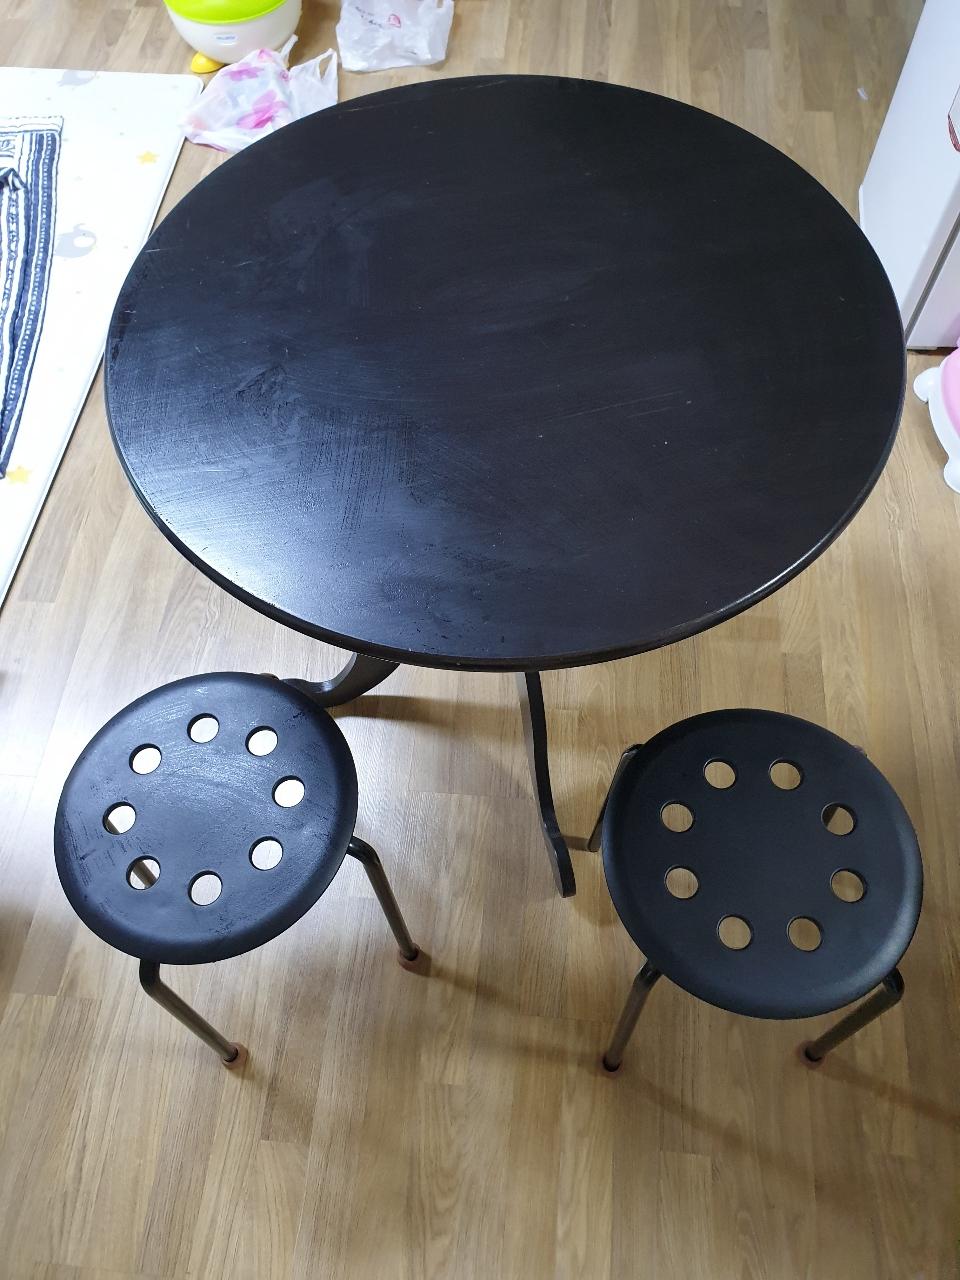 원 식탁ㆍ테이블ㆍ의자